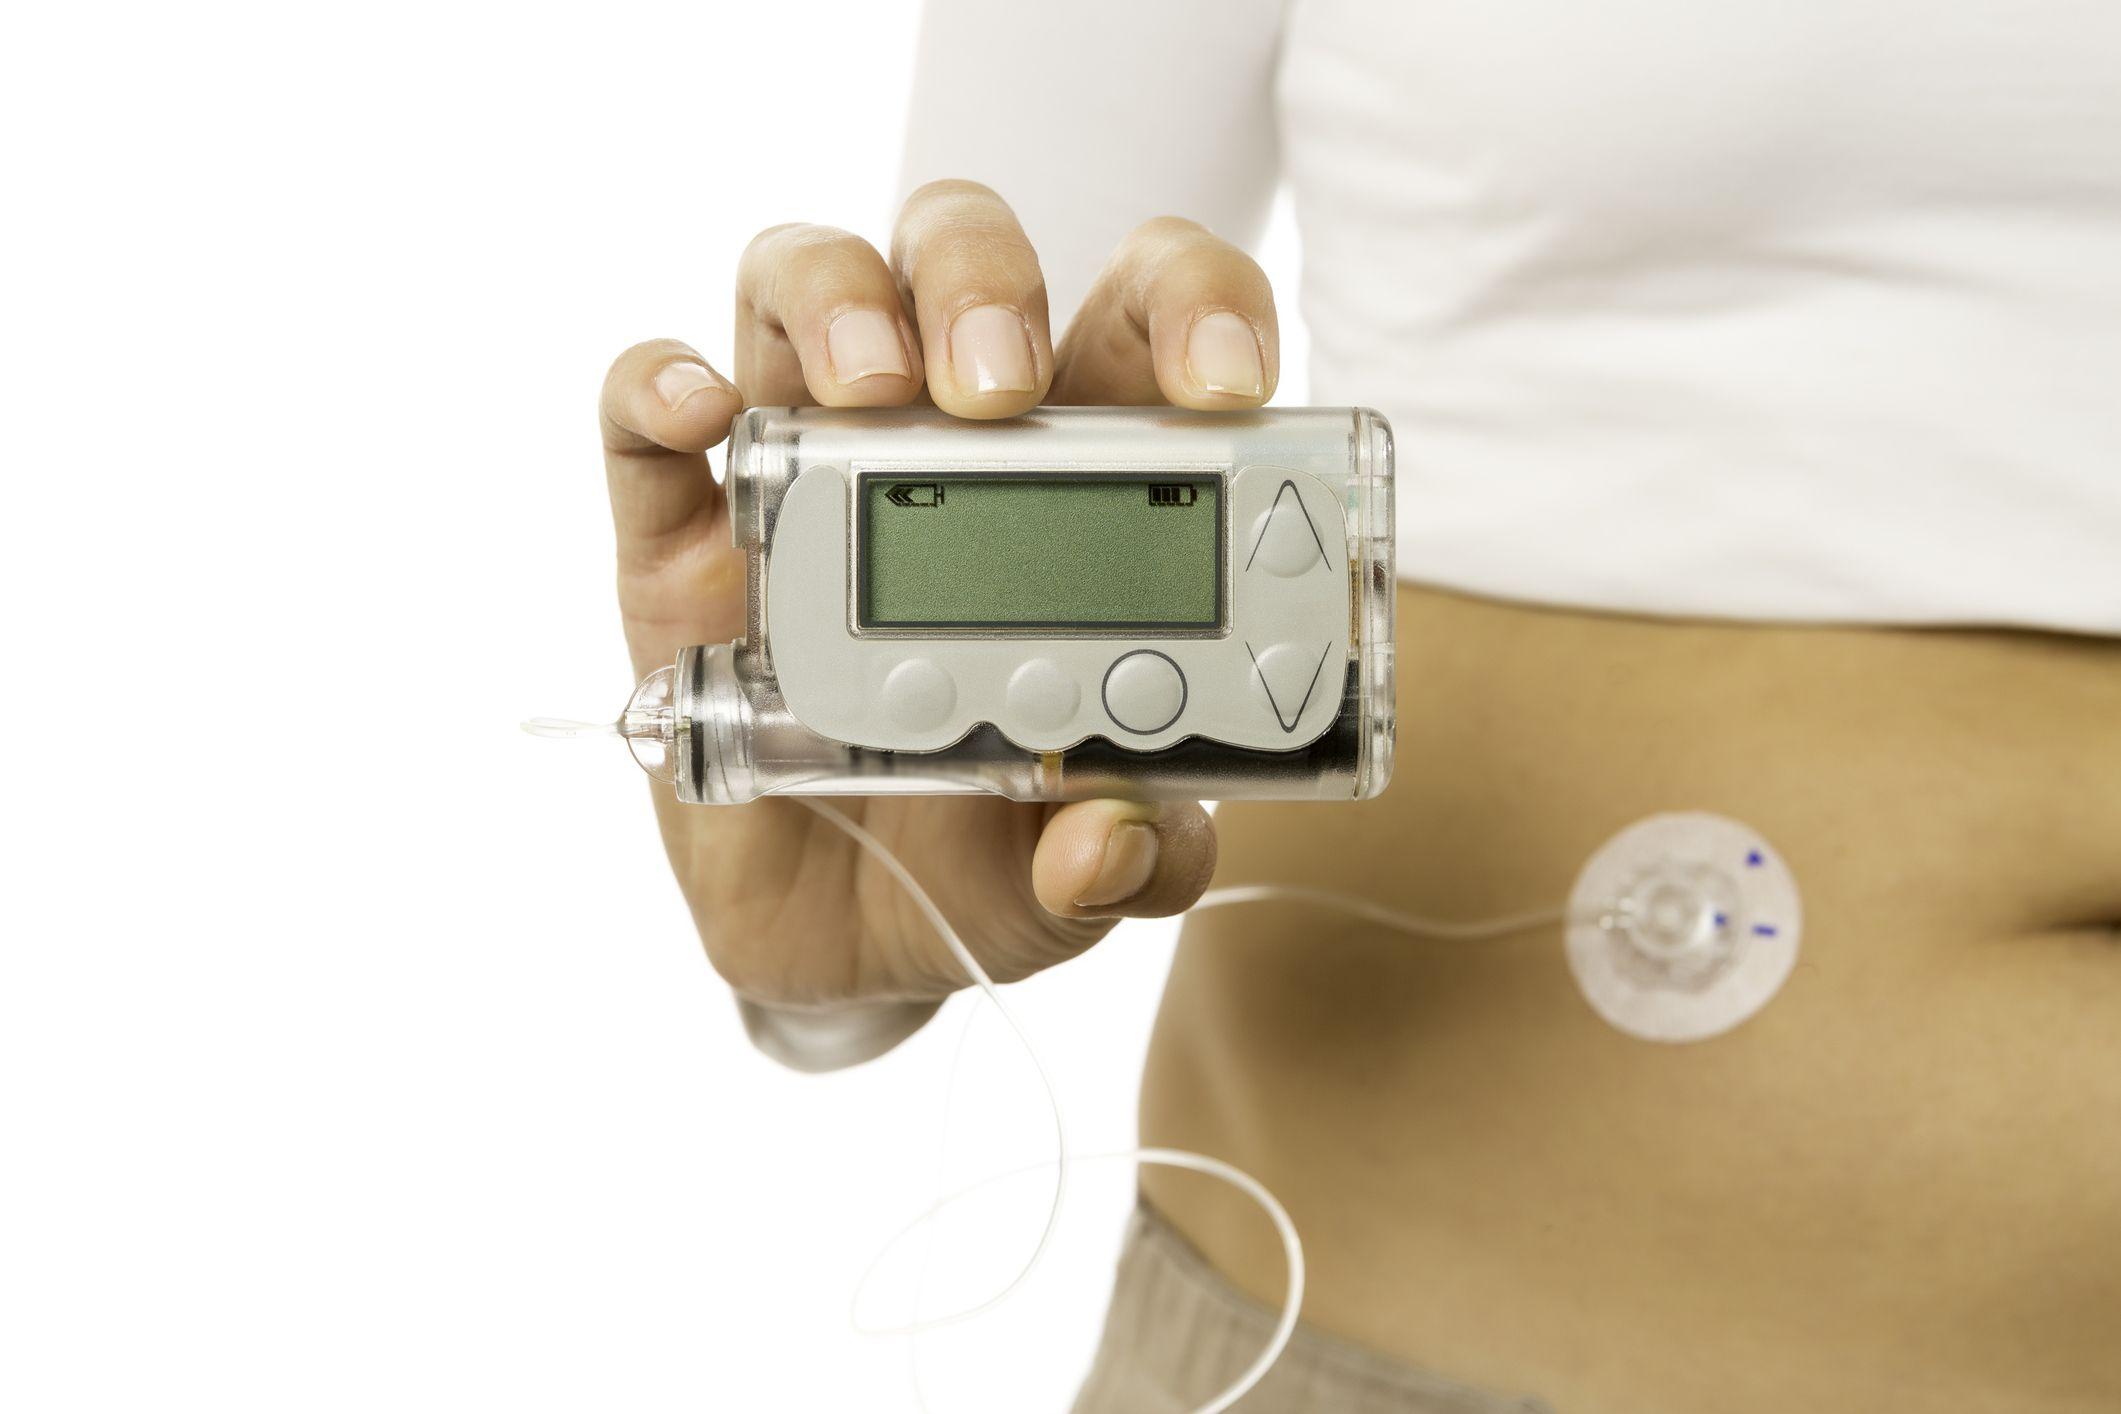 9_14_Insulin pump